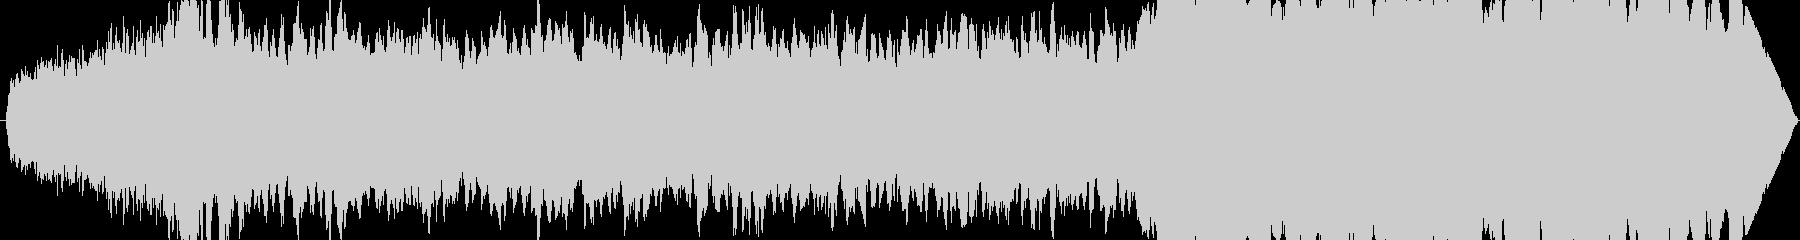 PADS モーニングエア04の未再生の波形